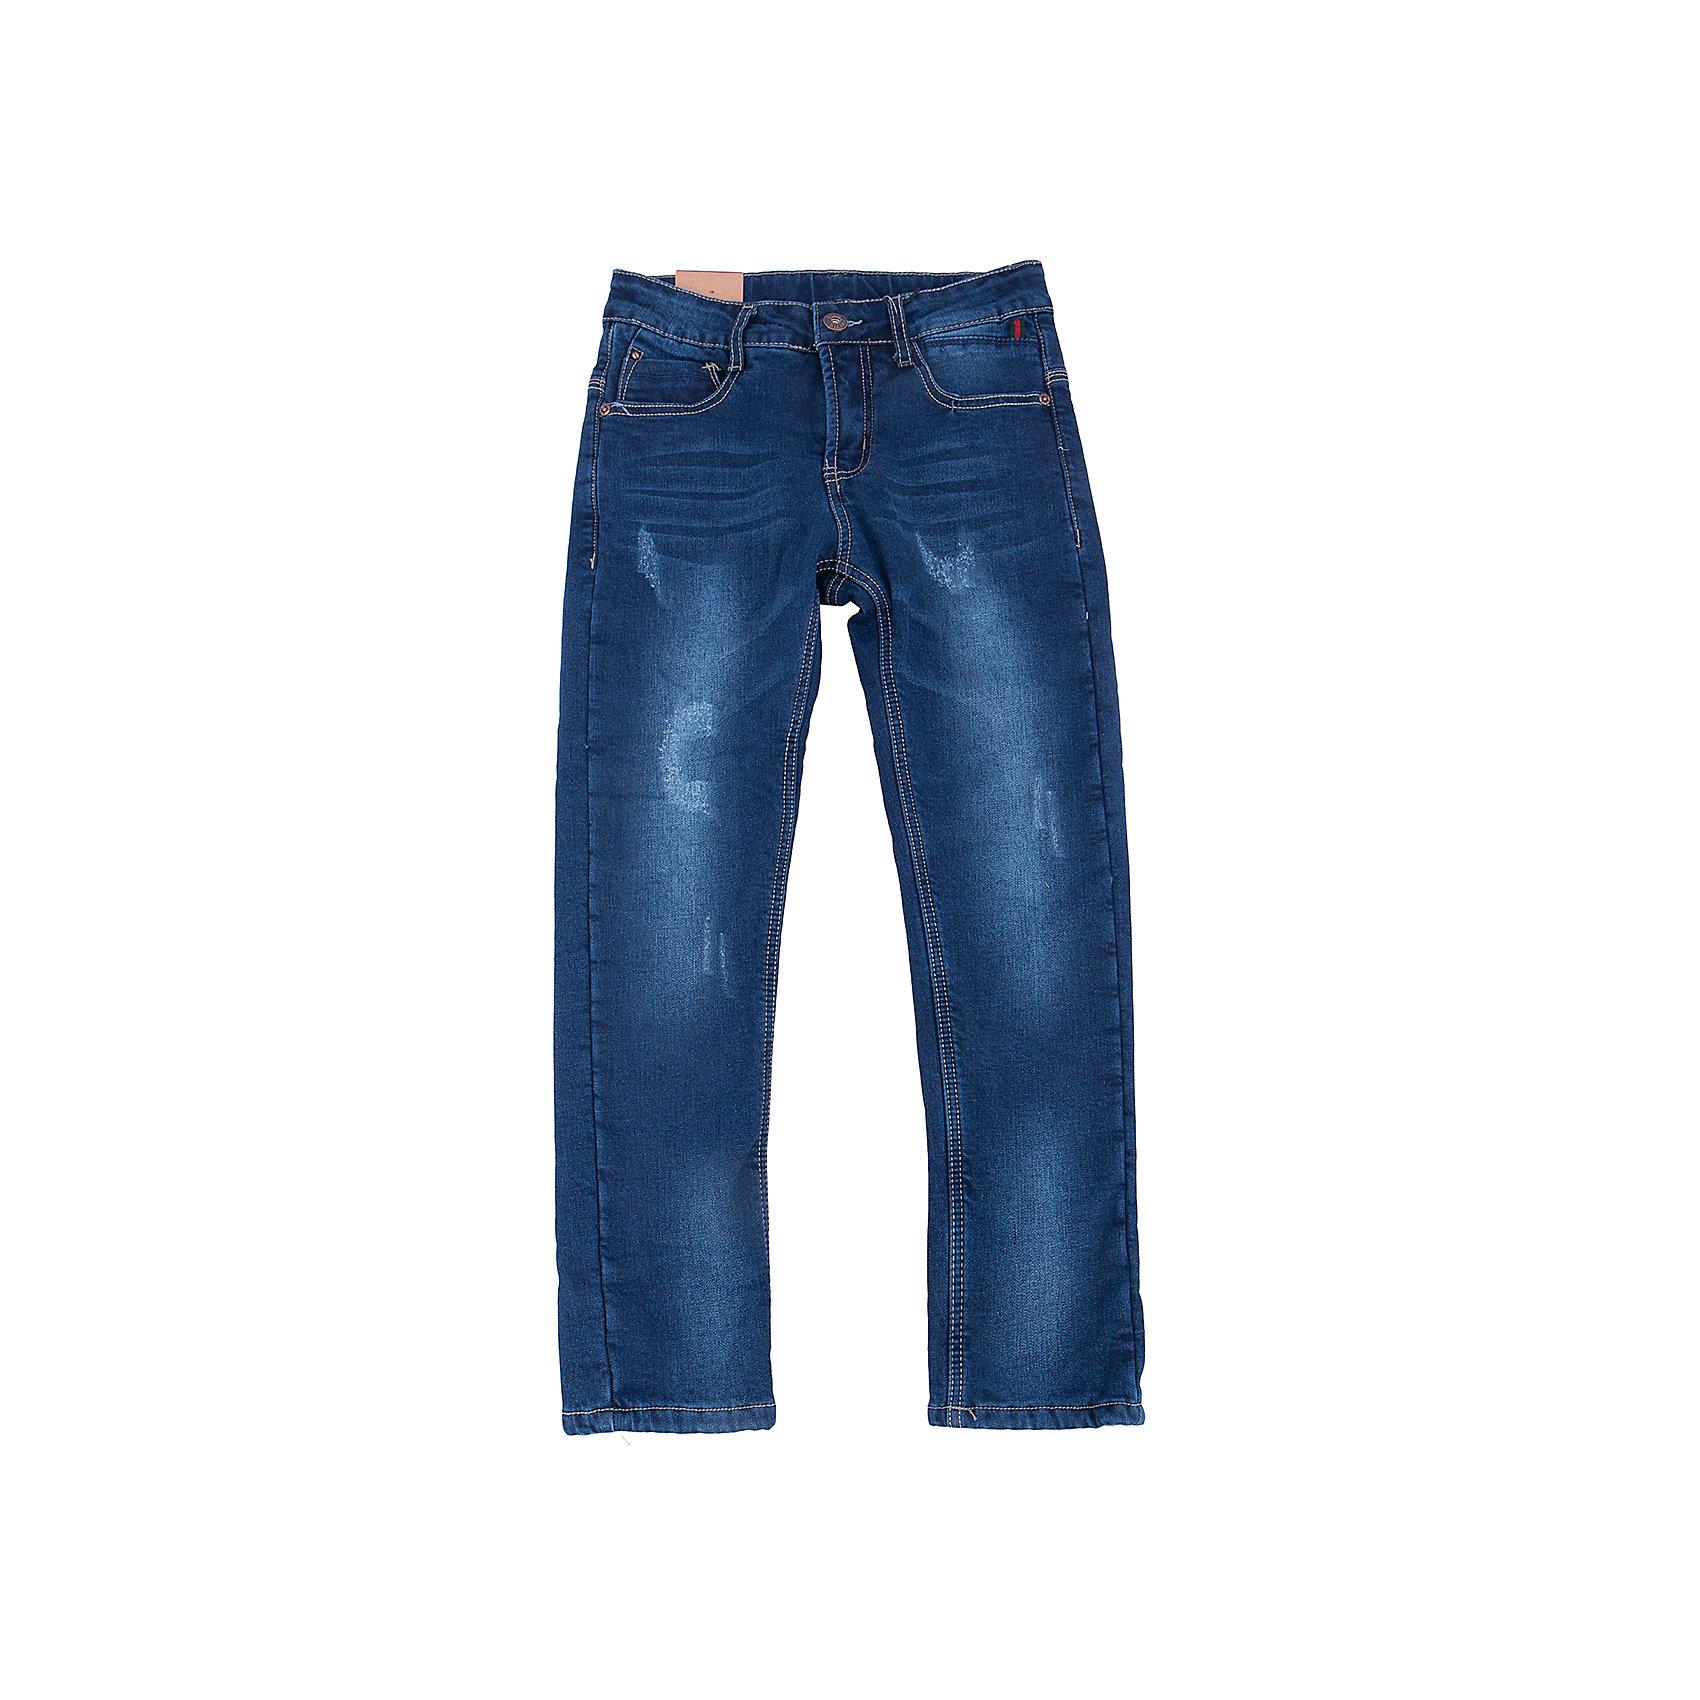 Джинсы для мальчика LuminosoДжинсы для мальчика от популярной марки Luminoso.<br>Удобные джинсы на каждый день.  Четыре функциональных кармана, пояс регулируется внутренней резинкой.<br>Состав:<br>Верх:98% хлопок,  2% эластан  Подкладка: 100% полиэстер<br><br>Ширина мм: 215<br>Глубина мм: 88<br>Высота мм: 191<br>Вес г: 336<br>Цвет: синий<br>Возраст от месяцев: 156<br>Возраст до месяцев: 168<br>Пол: Мужской<br>Возраст: Детский<br>Размер: 164,134,140,146,152,158<br>SKU: 4930914